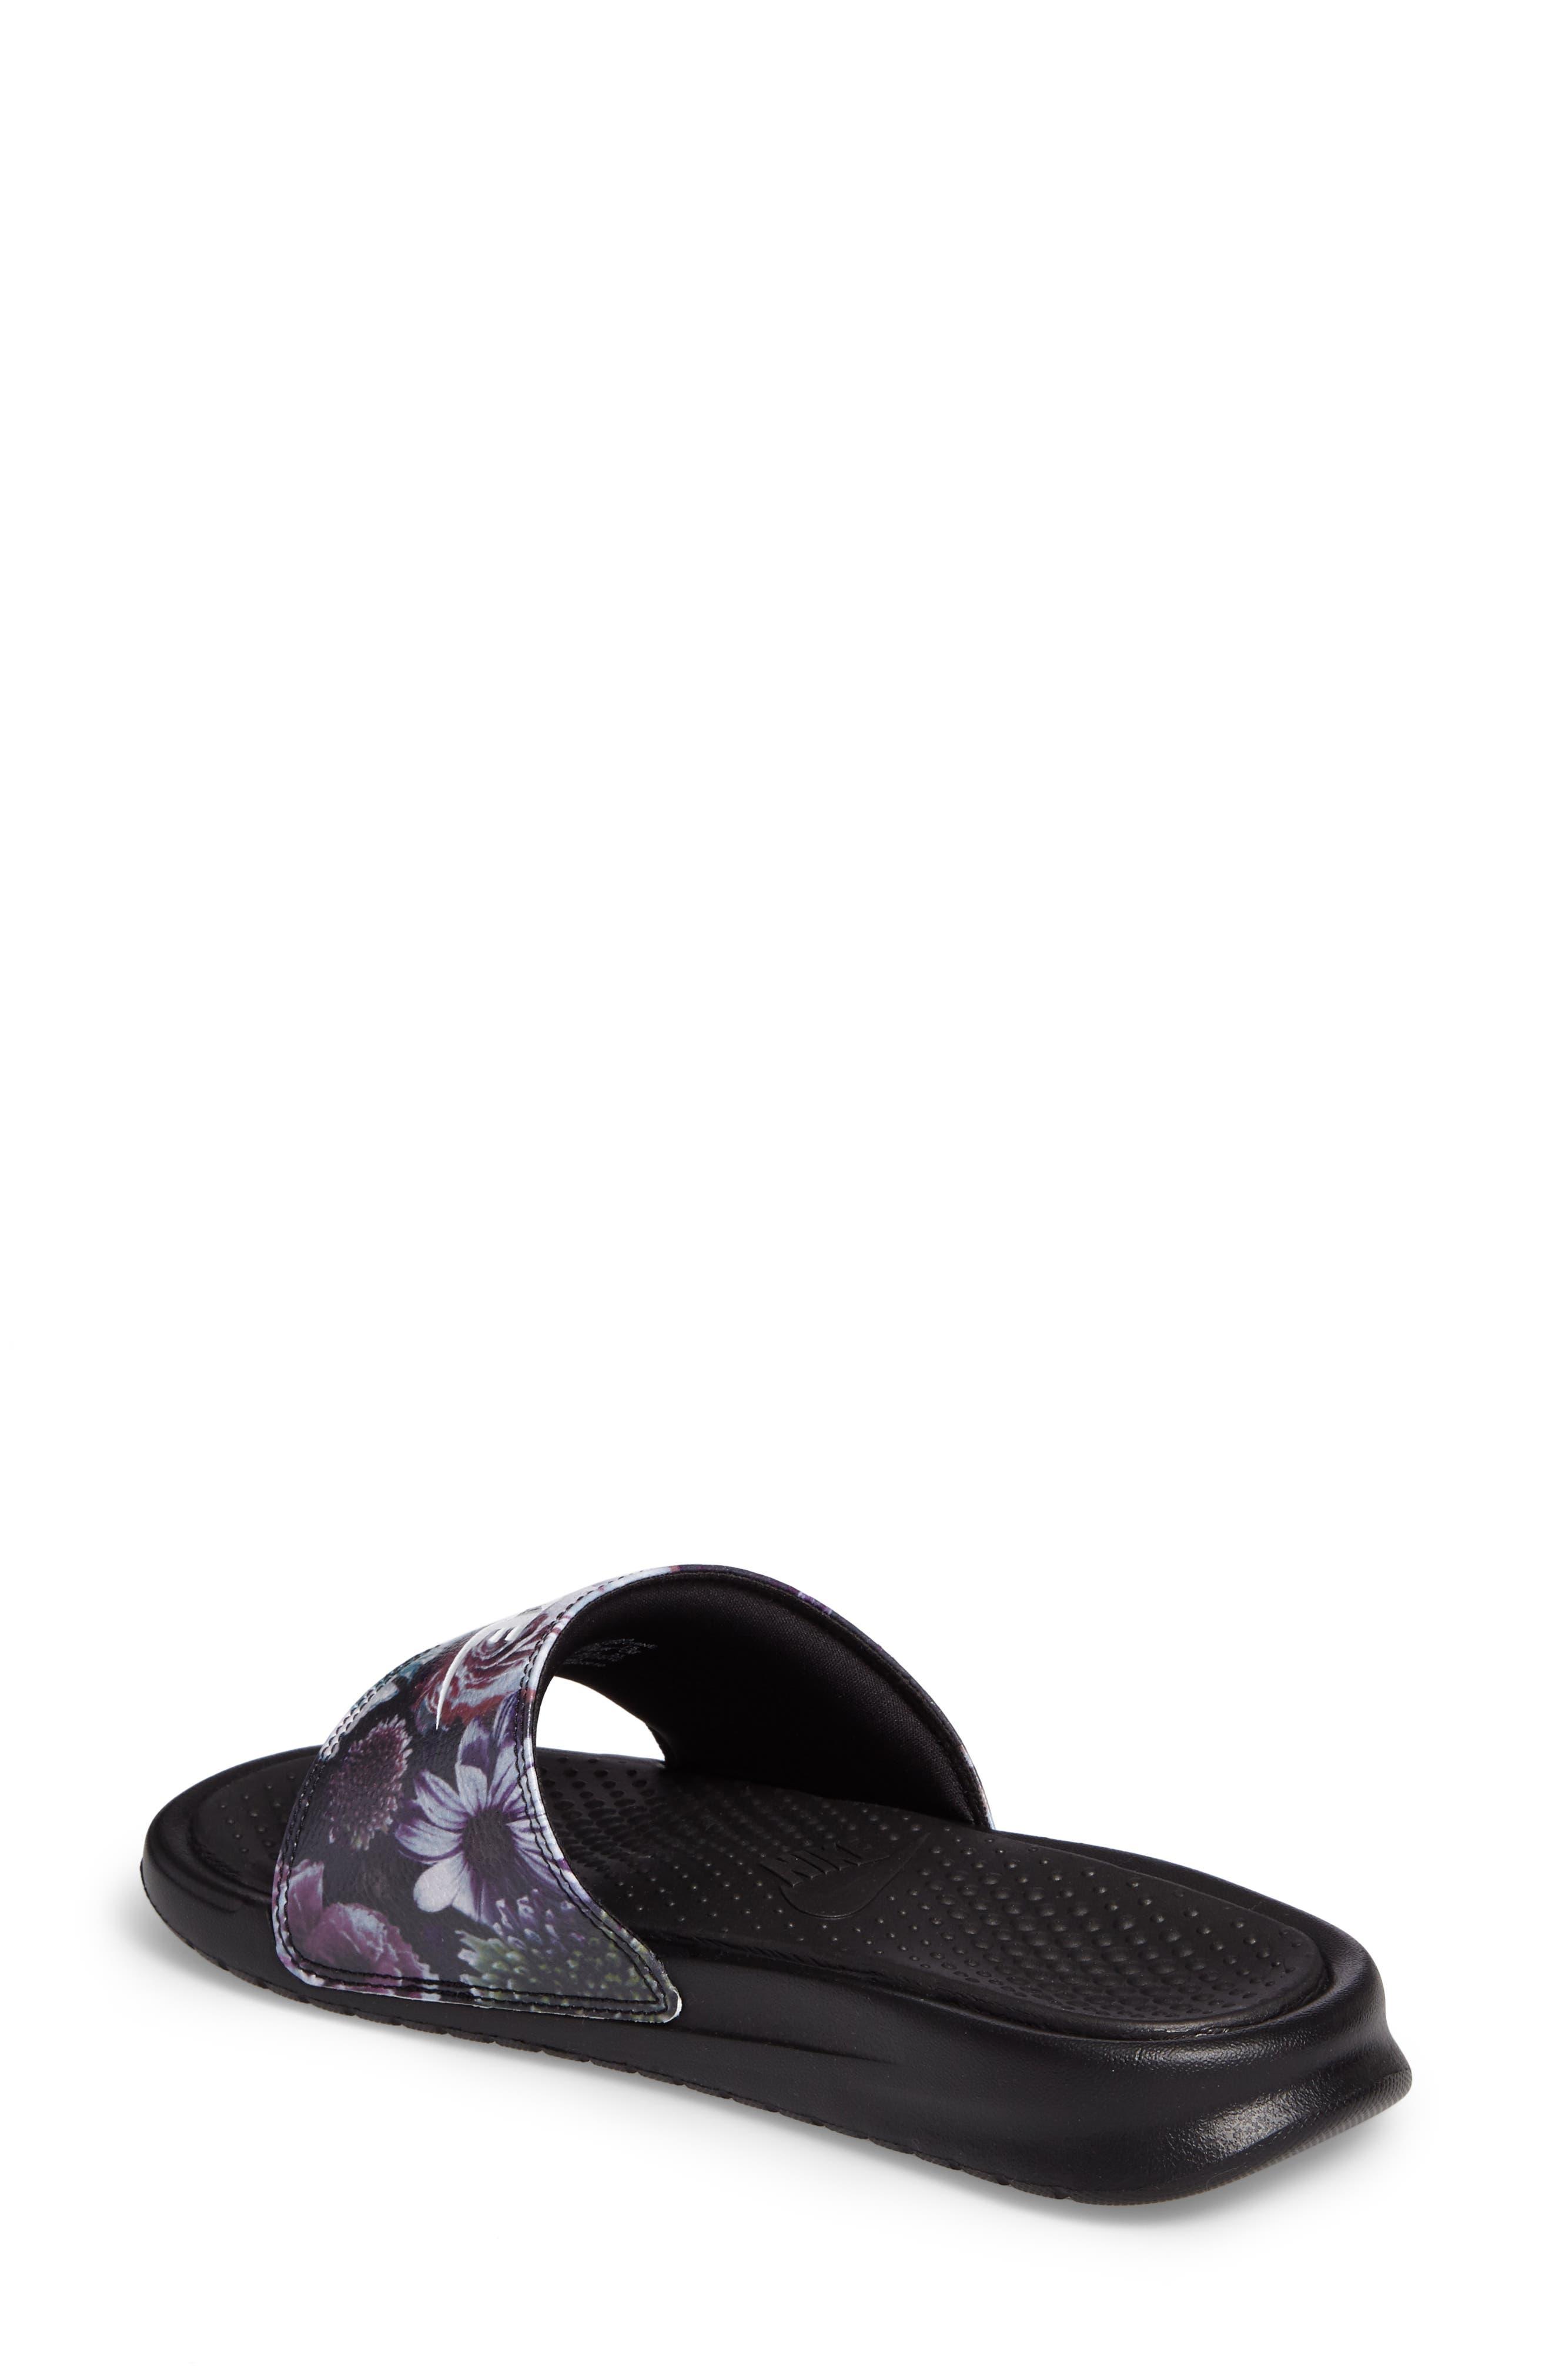 Alternate Image 2  - Nike 'Benassi Just Do It Ultra Premium' Slide Sandal (Women)